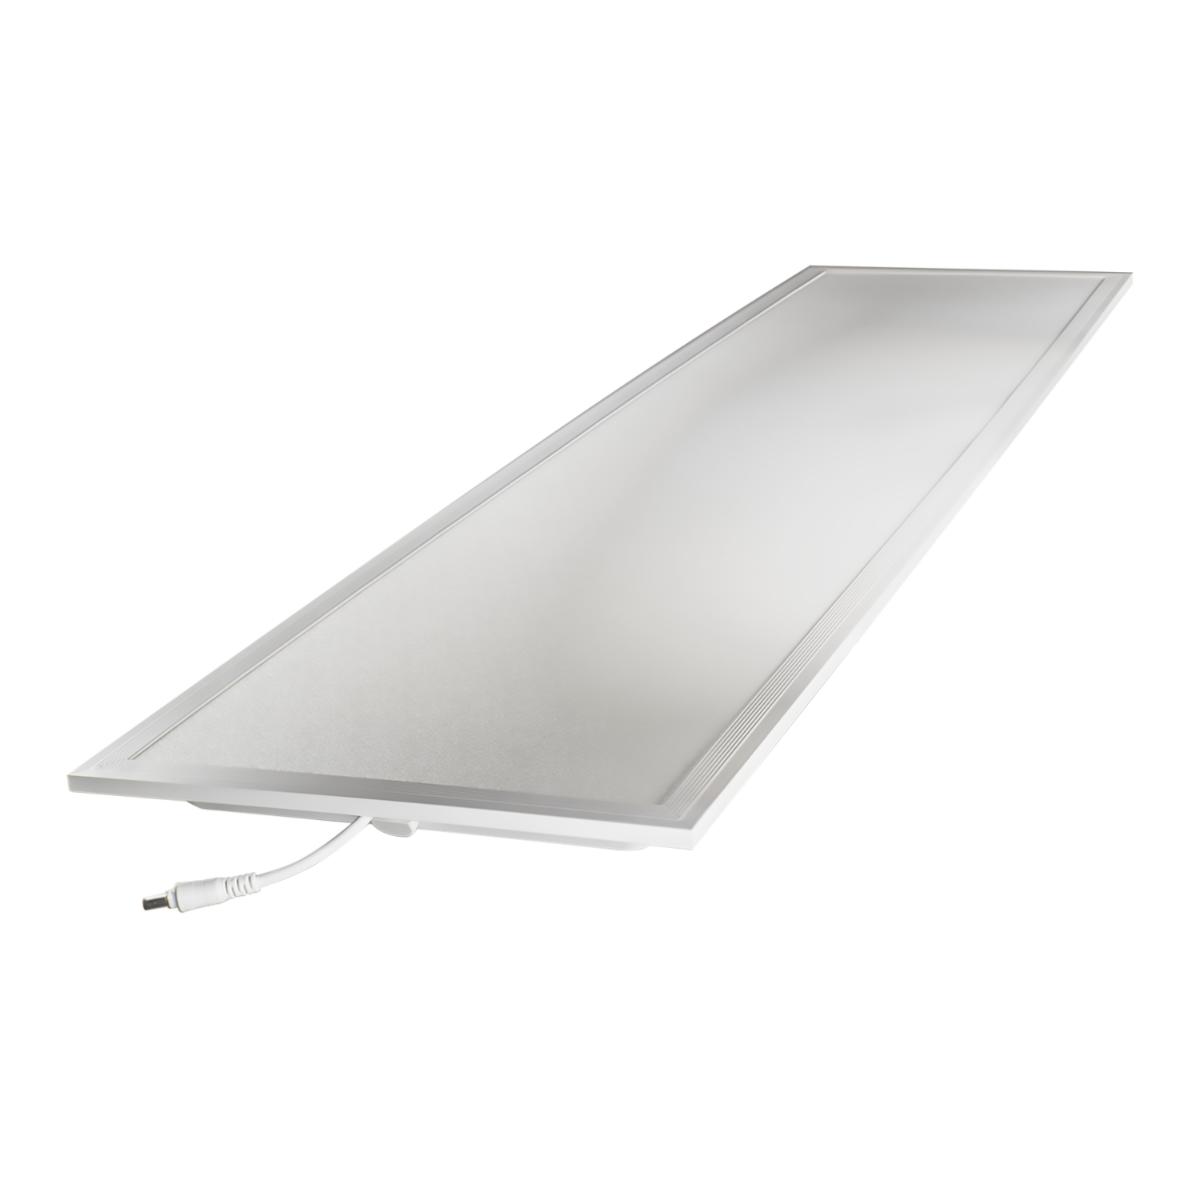 Noxion Panel LED Econox 32W 30x120cm 6500K 4400lm UGR <22 | Luz de Día - Reemplazo 2x36W